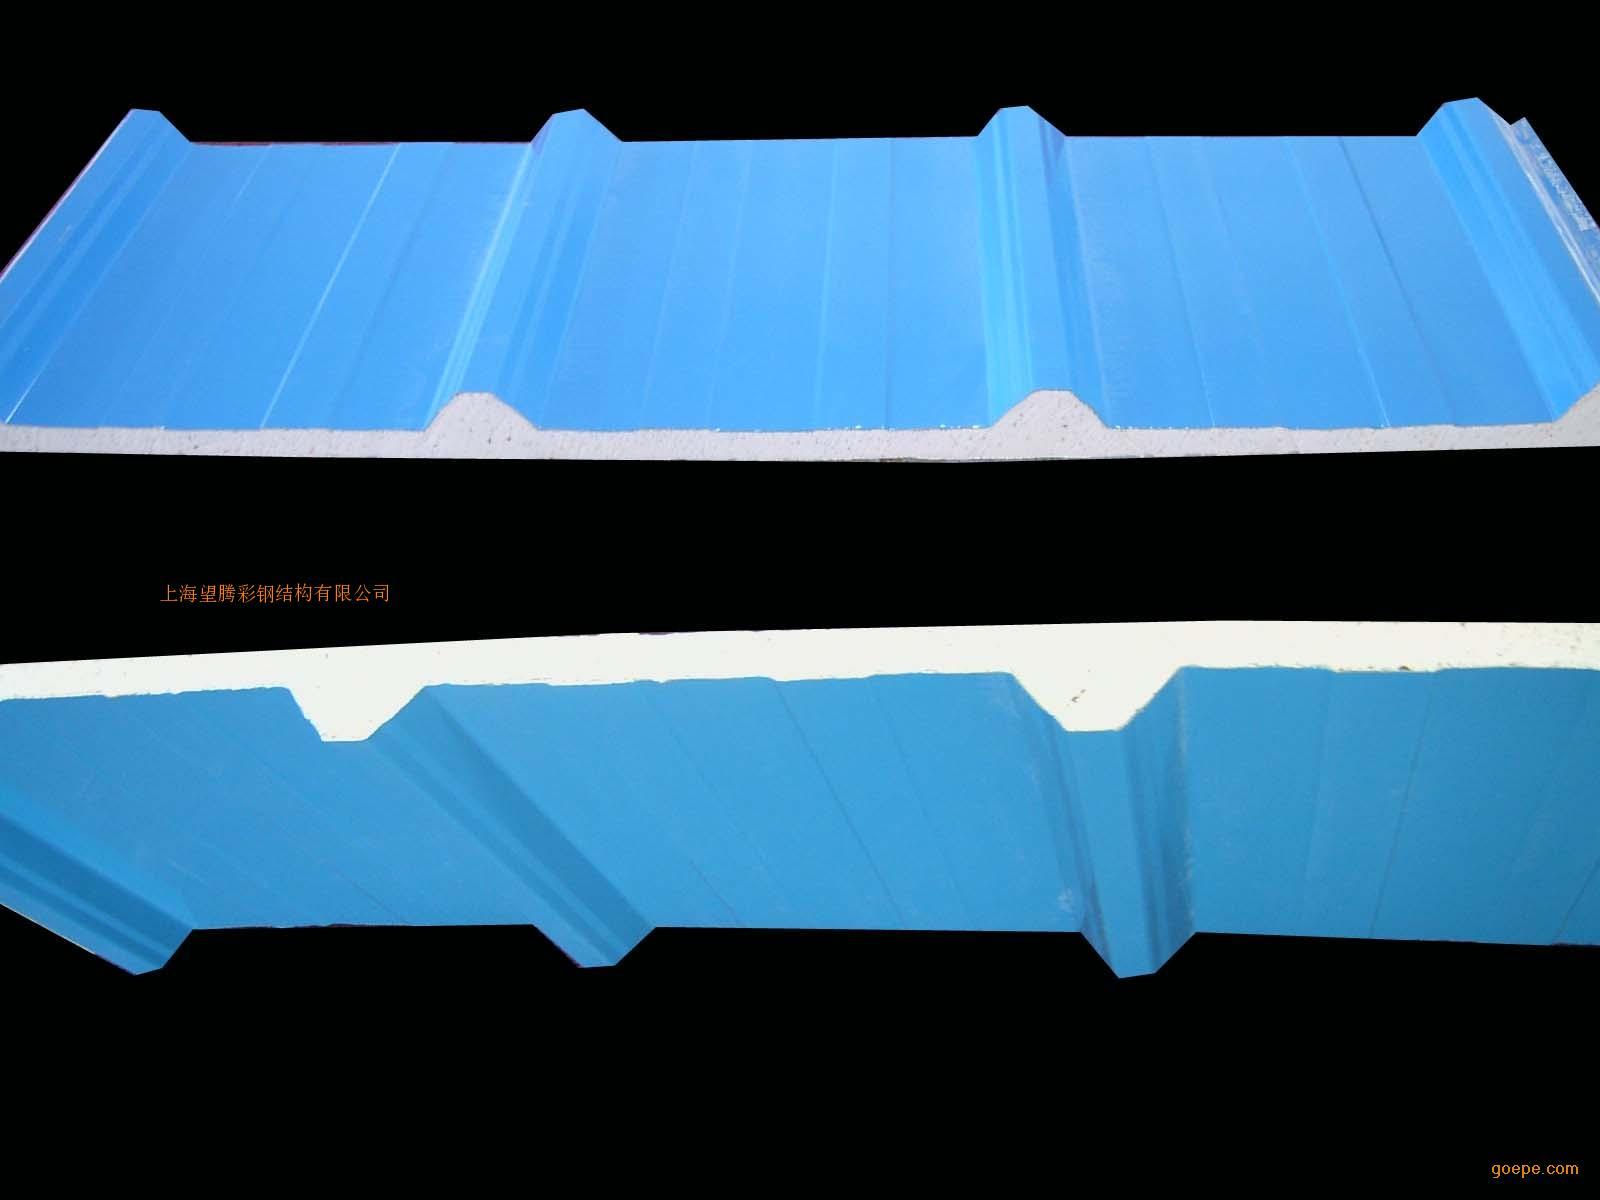 彩钢夹芯板|上海彩钢夹芯板|夹芯板-上海望腾彩钢结构